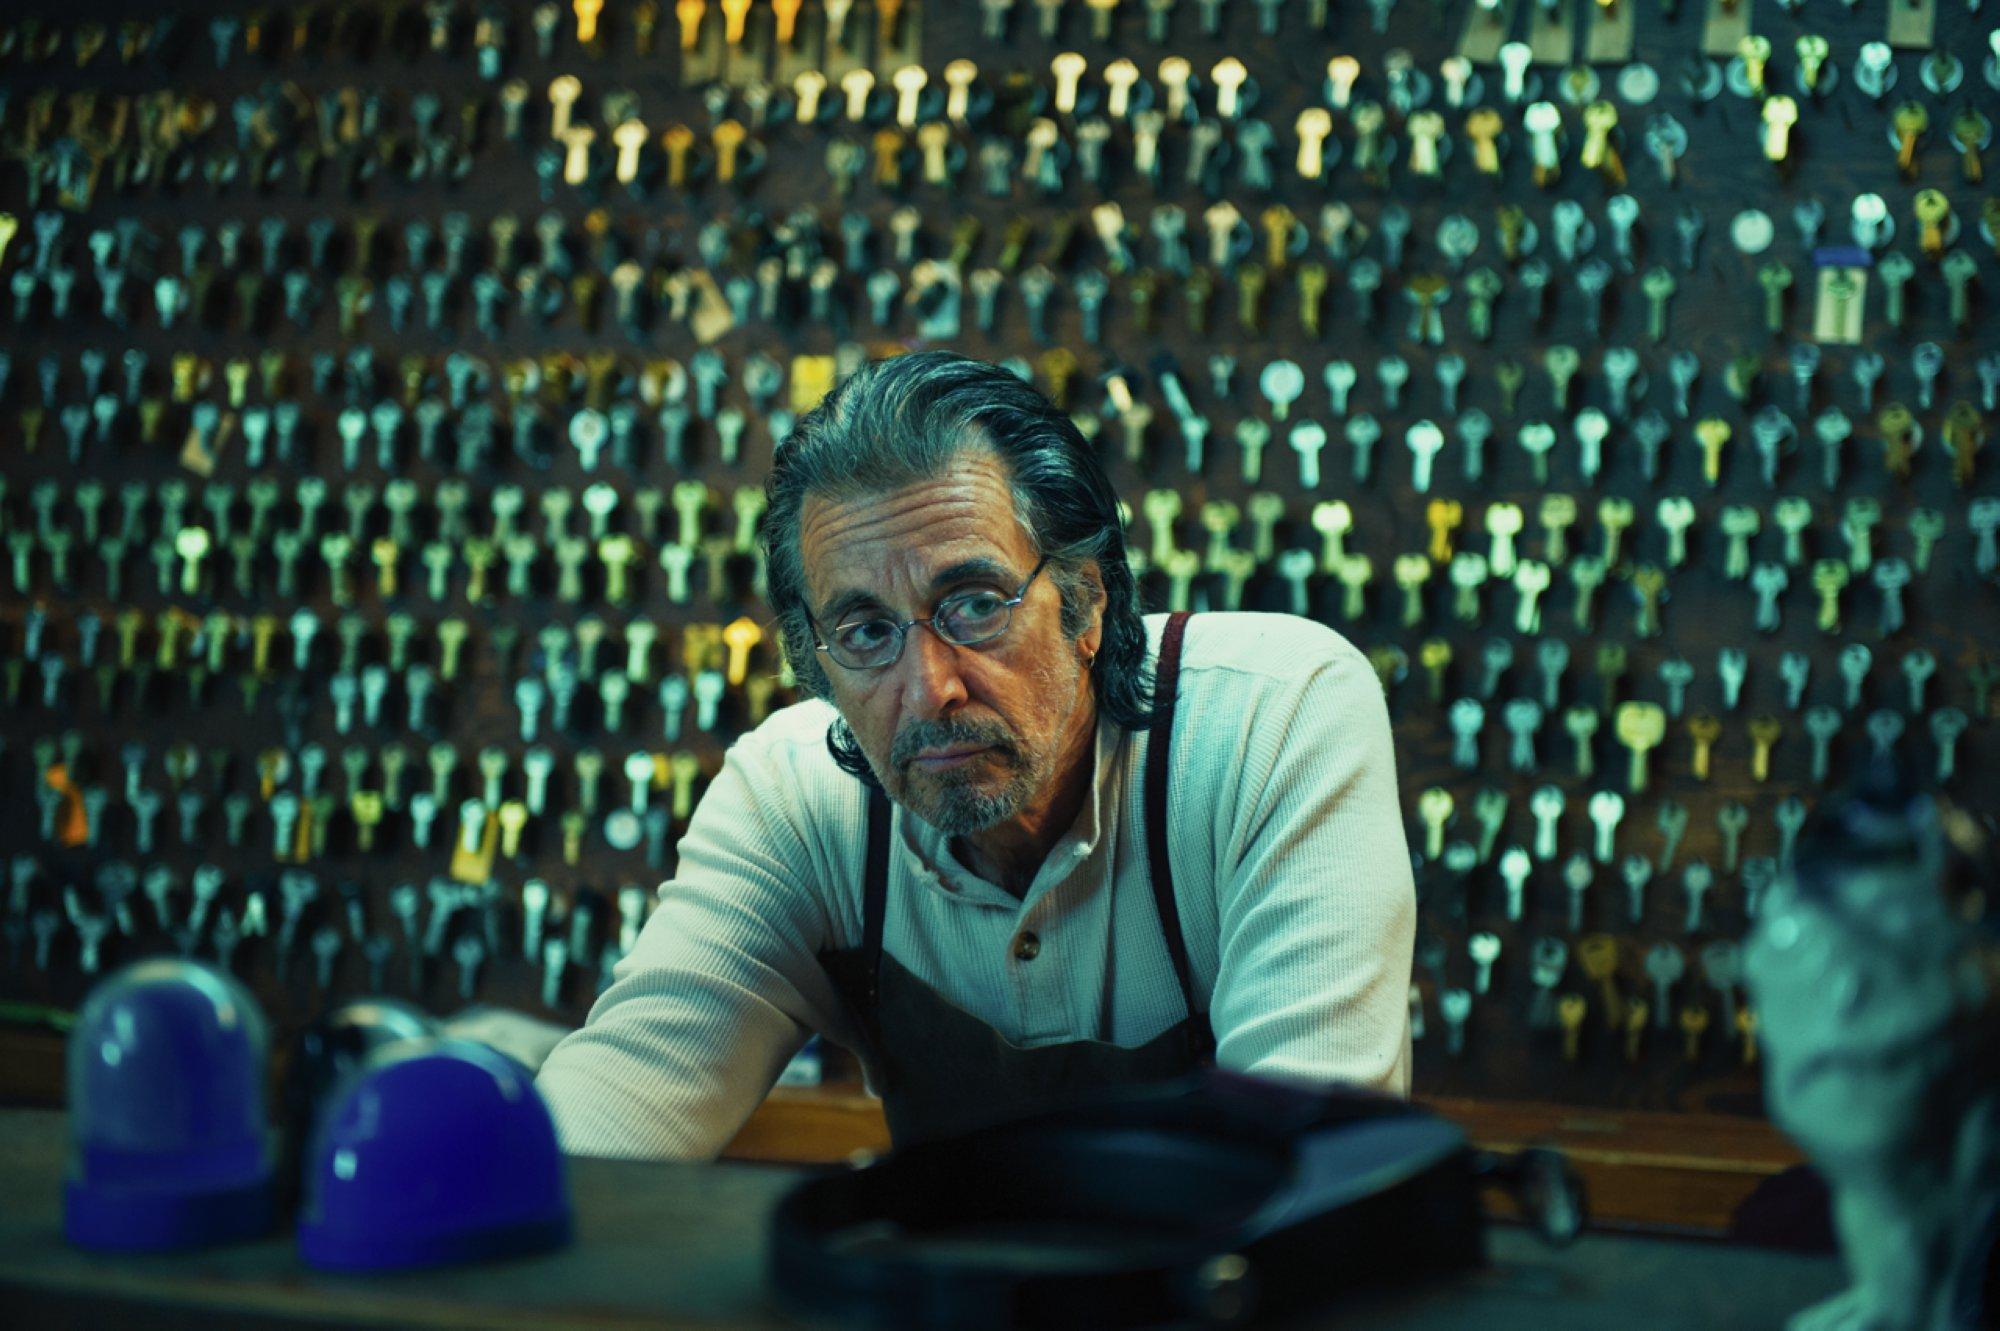 Al Pacino nei panni di un fabbro dal passato criminale in Manglehorn